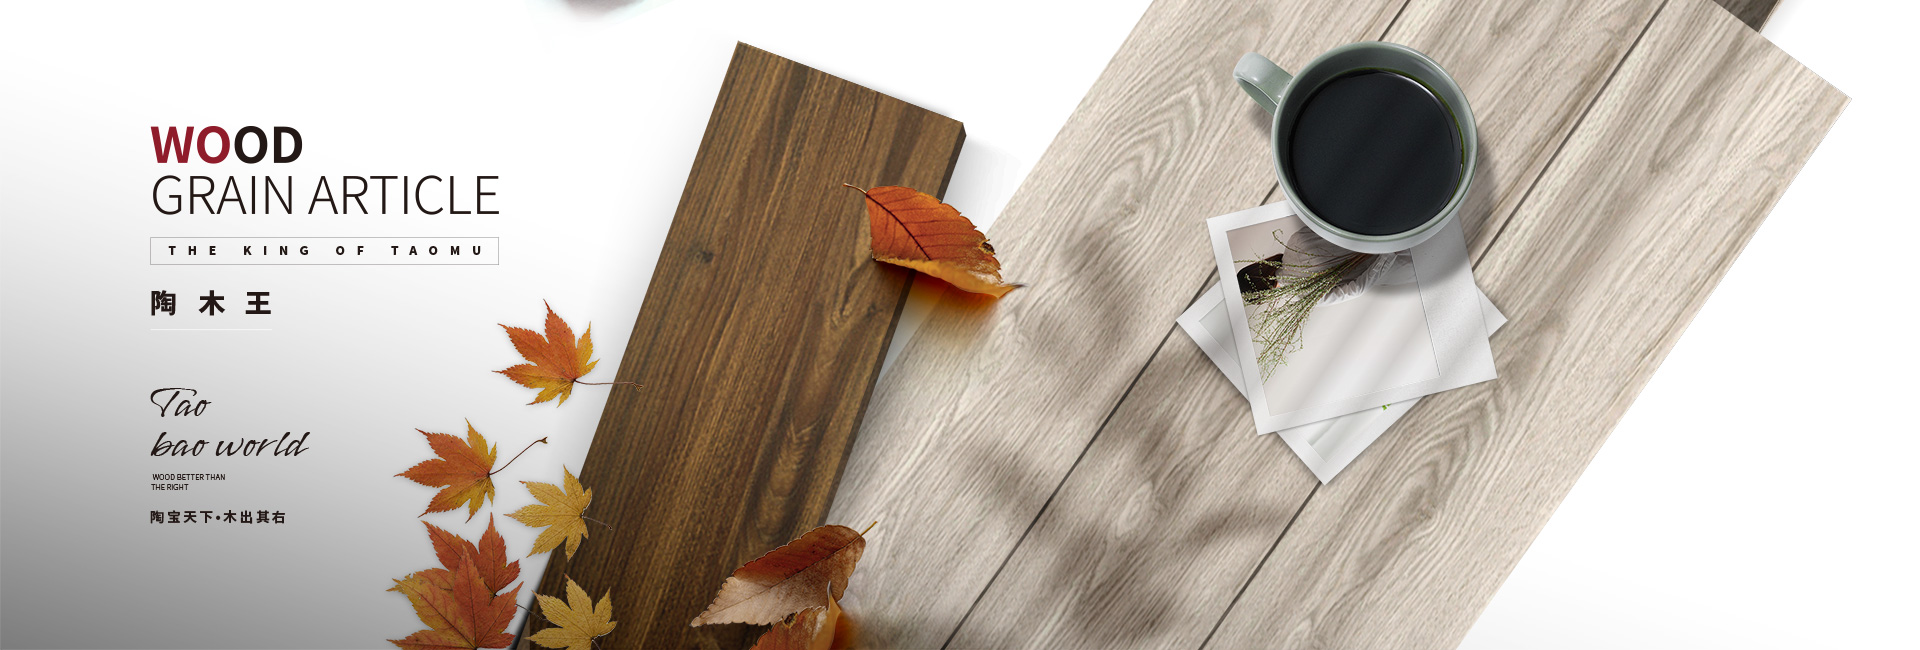 升华陶瓷|陶木王的千种风情,你pick哪一款?